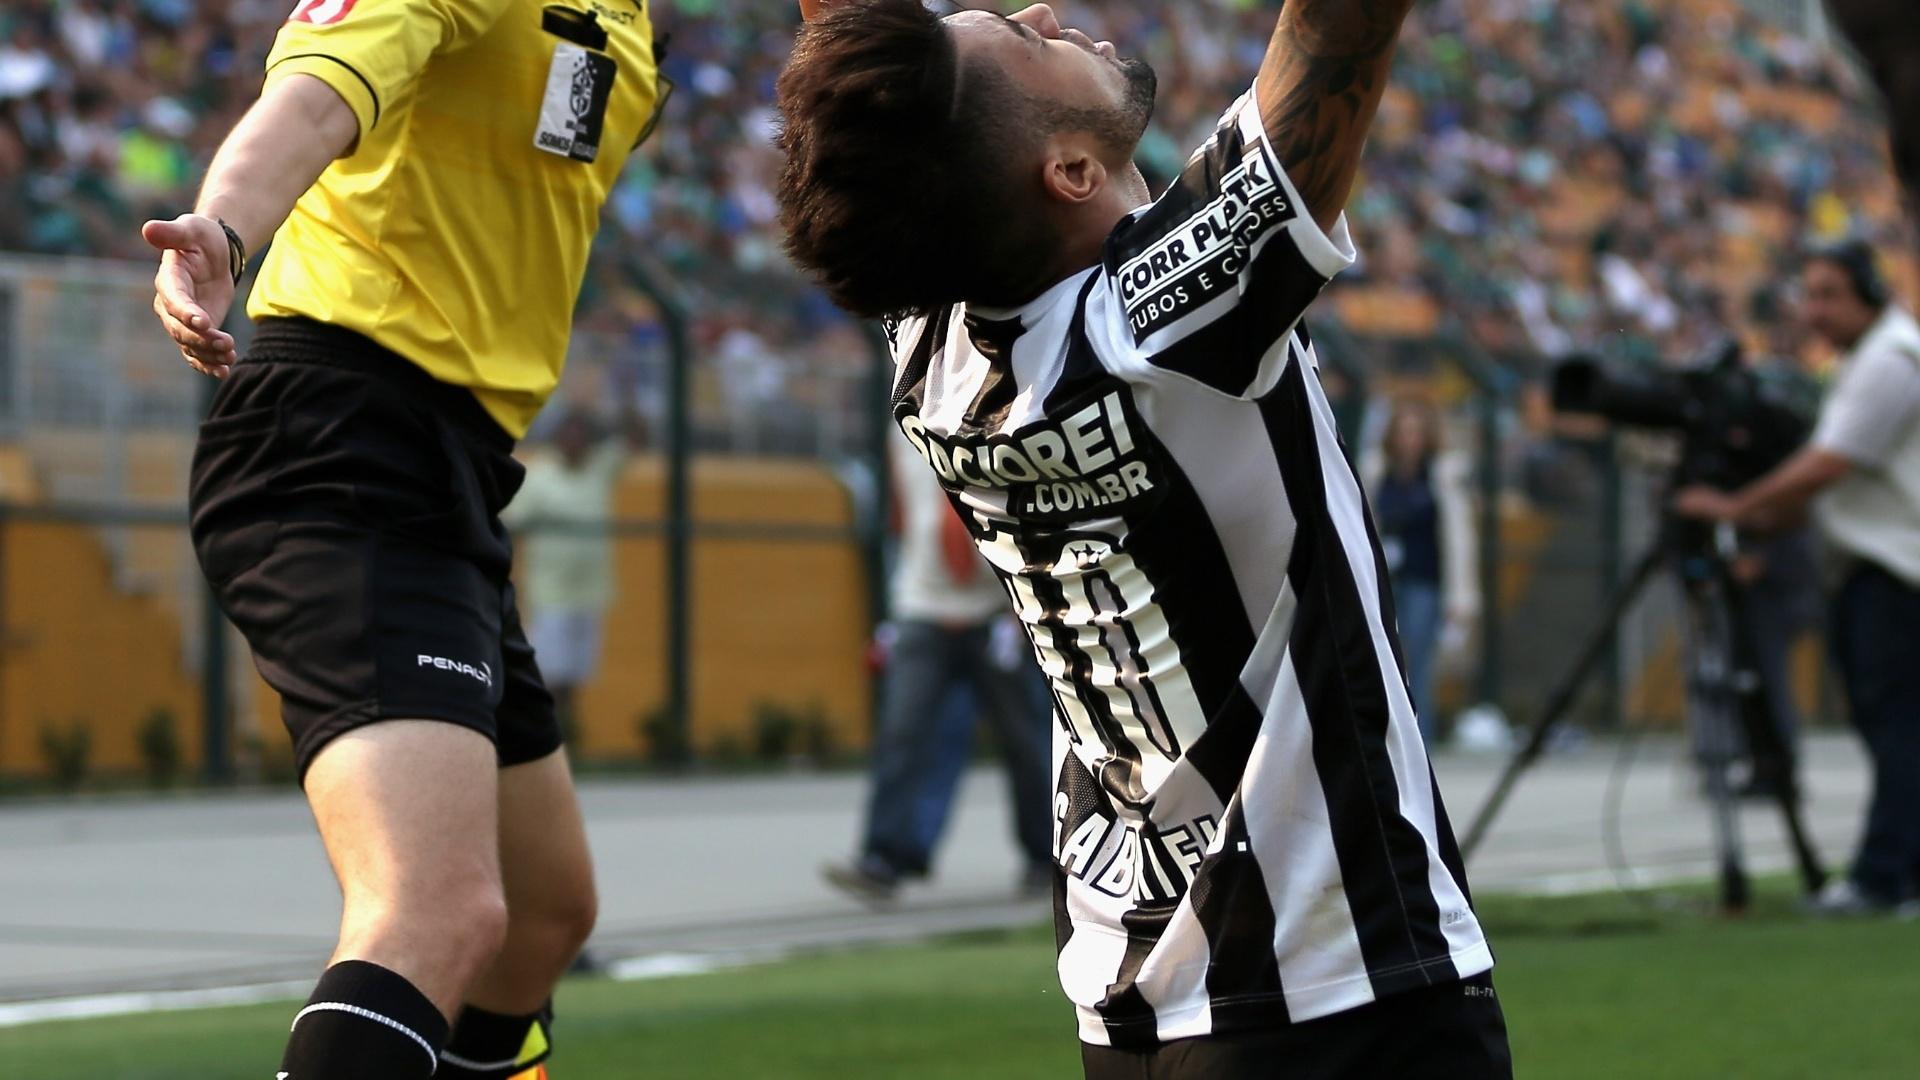 Gabriel ajoelha e comemora gol sobre o Palmeiras no clássico paulista